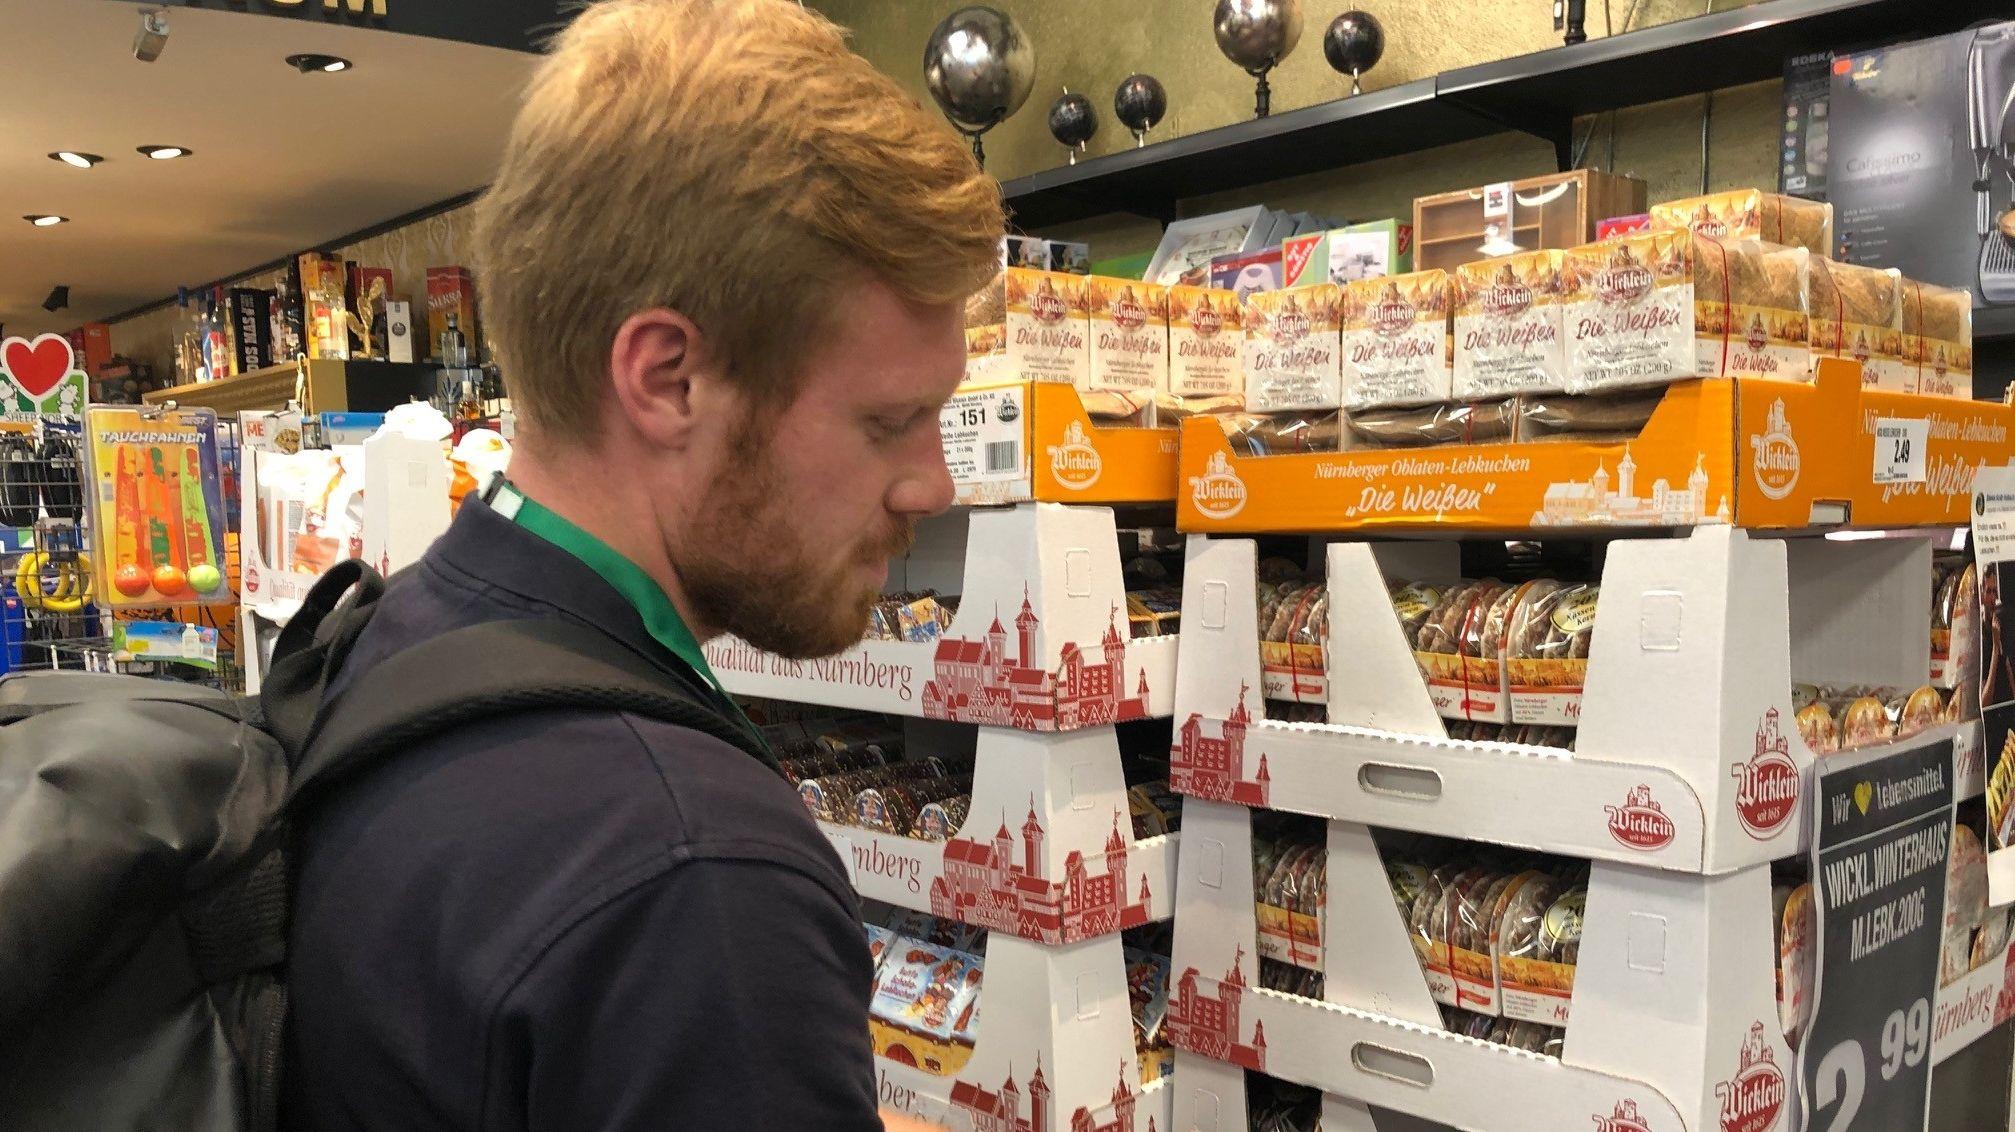 Kunde vor Lebkuchen bei einem Lebensmittelhändler in Volkach.